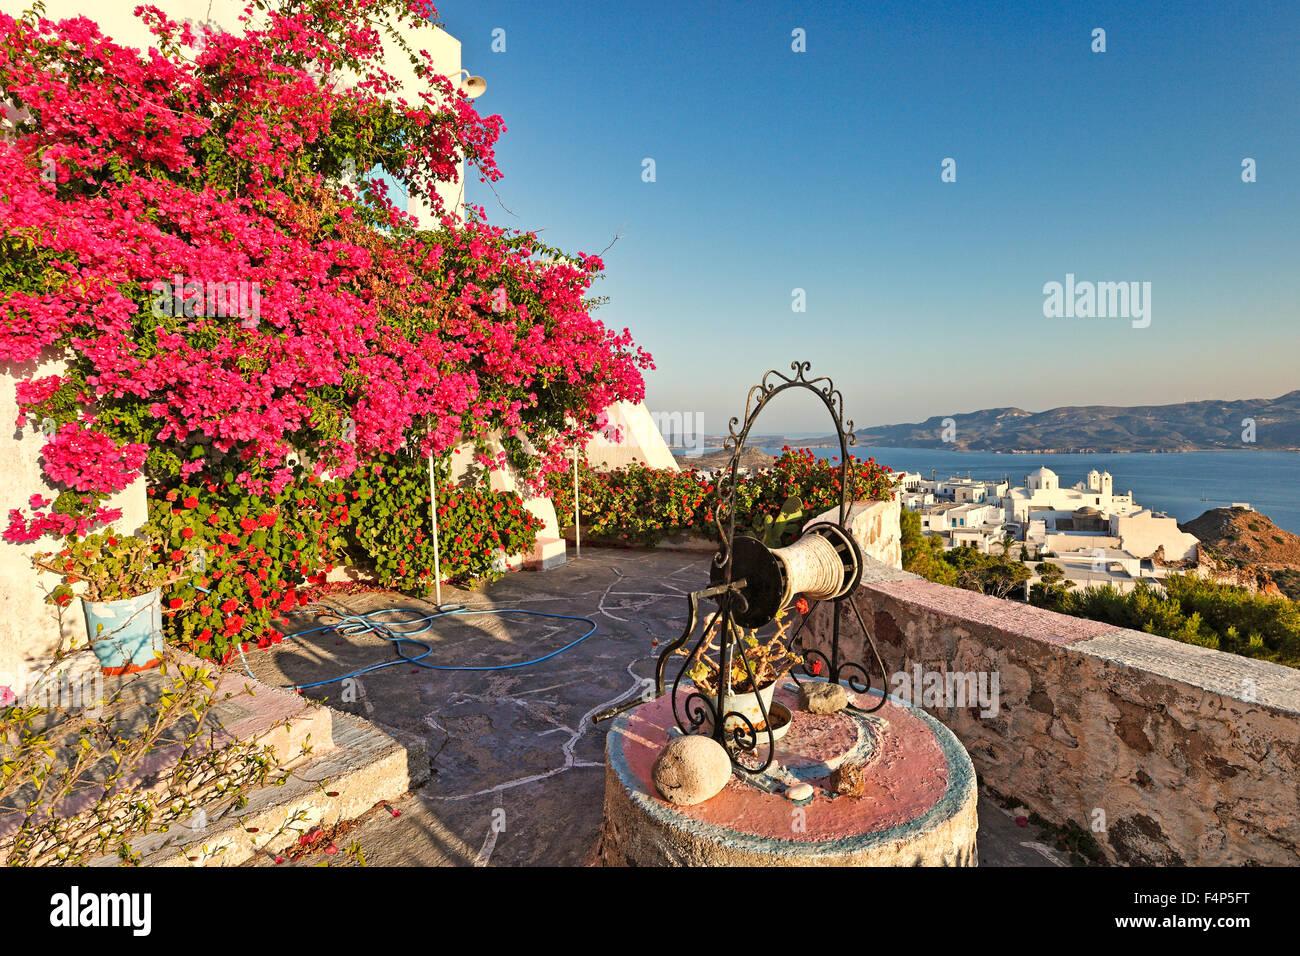 Une maison avec de l'eau bien dans le village traditionnel de Plaka à Milos, Grèce Photo Stock